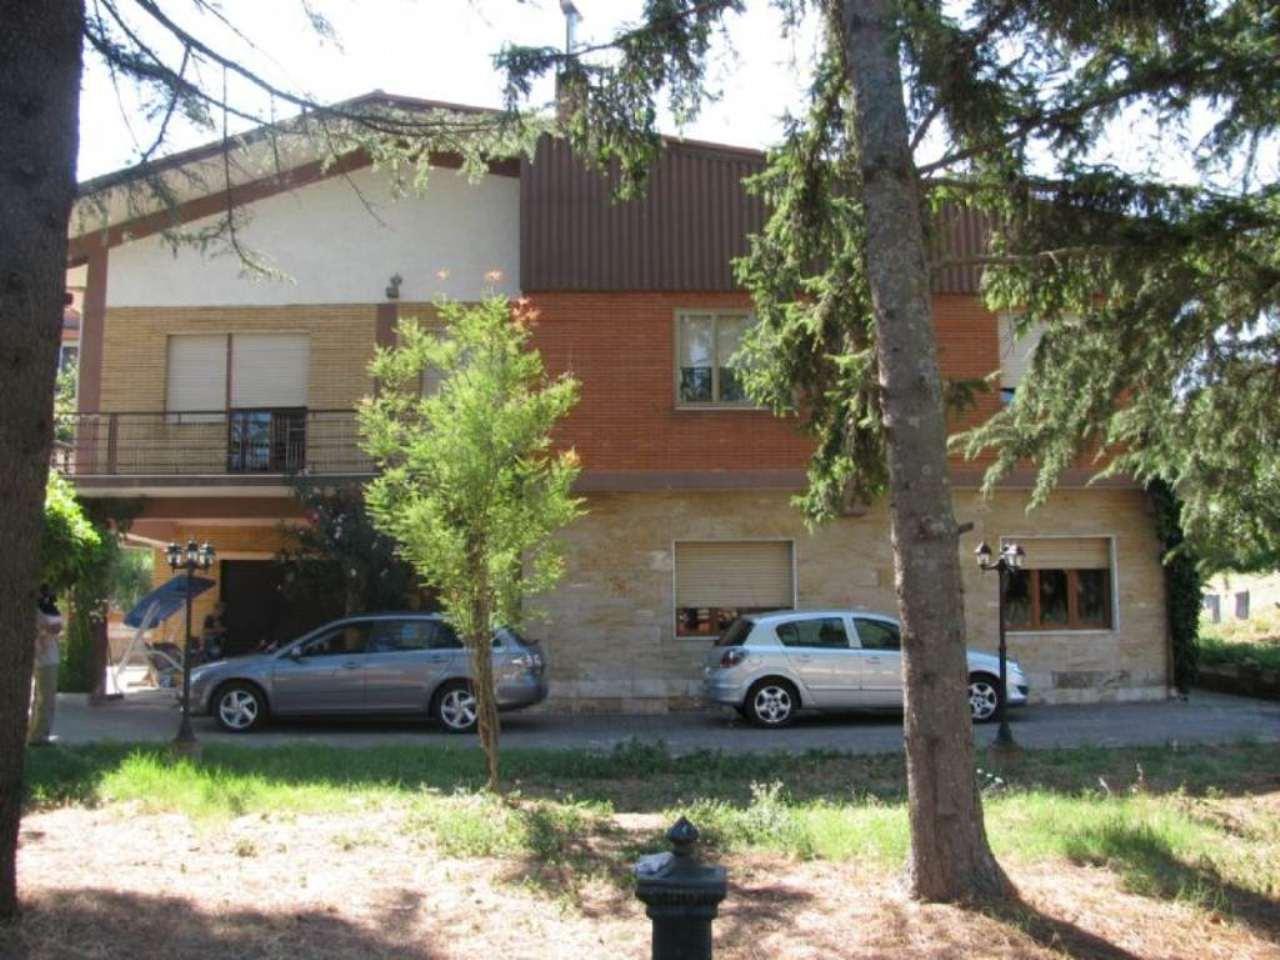 Villa in vendita a San Nicola Baronia, 8 locali, prezzo € 250.000 | CambioCasa.it